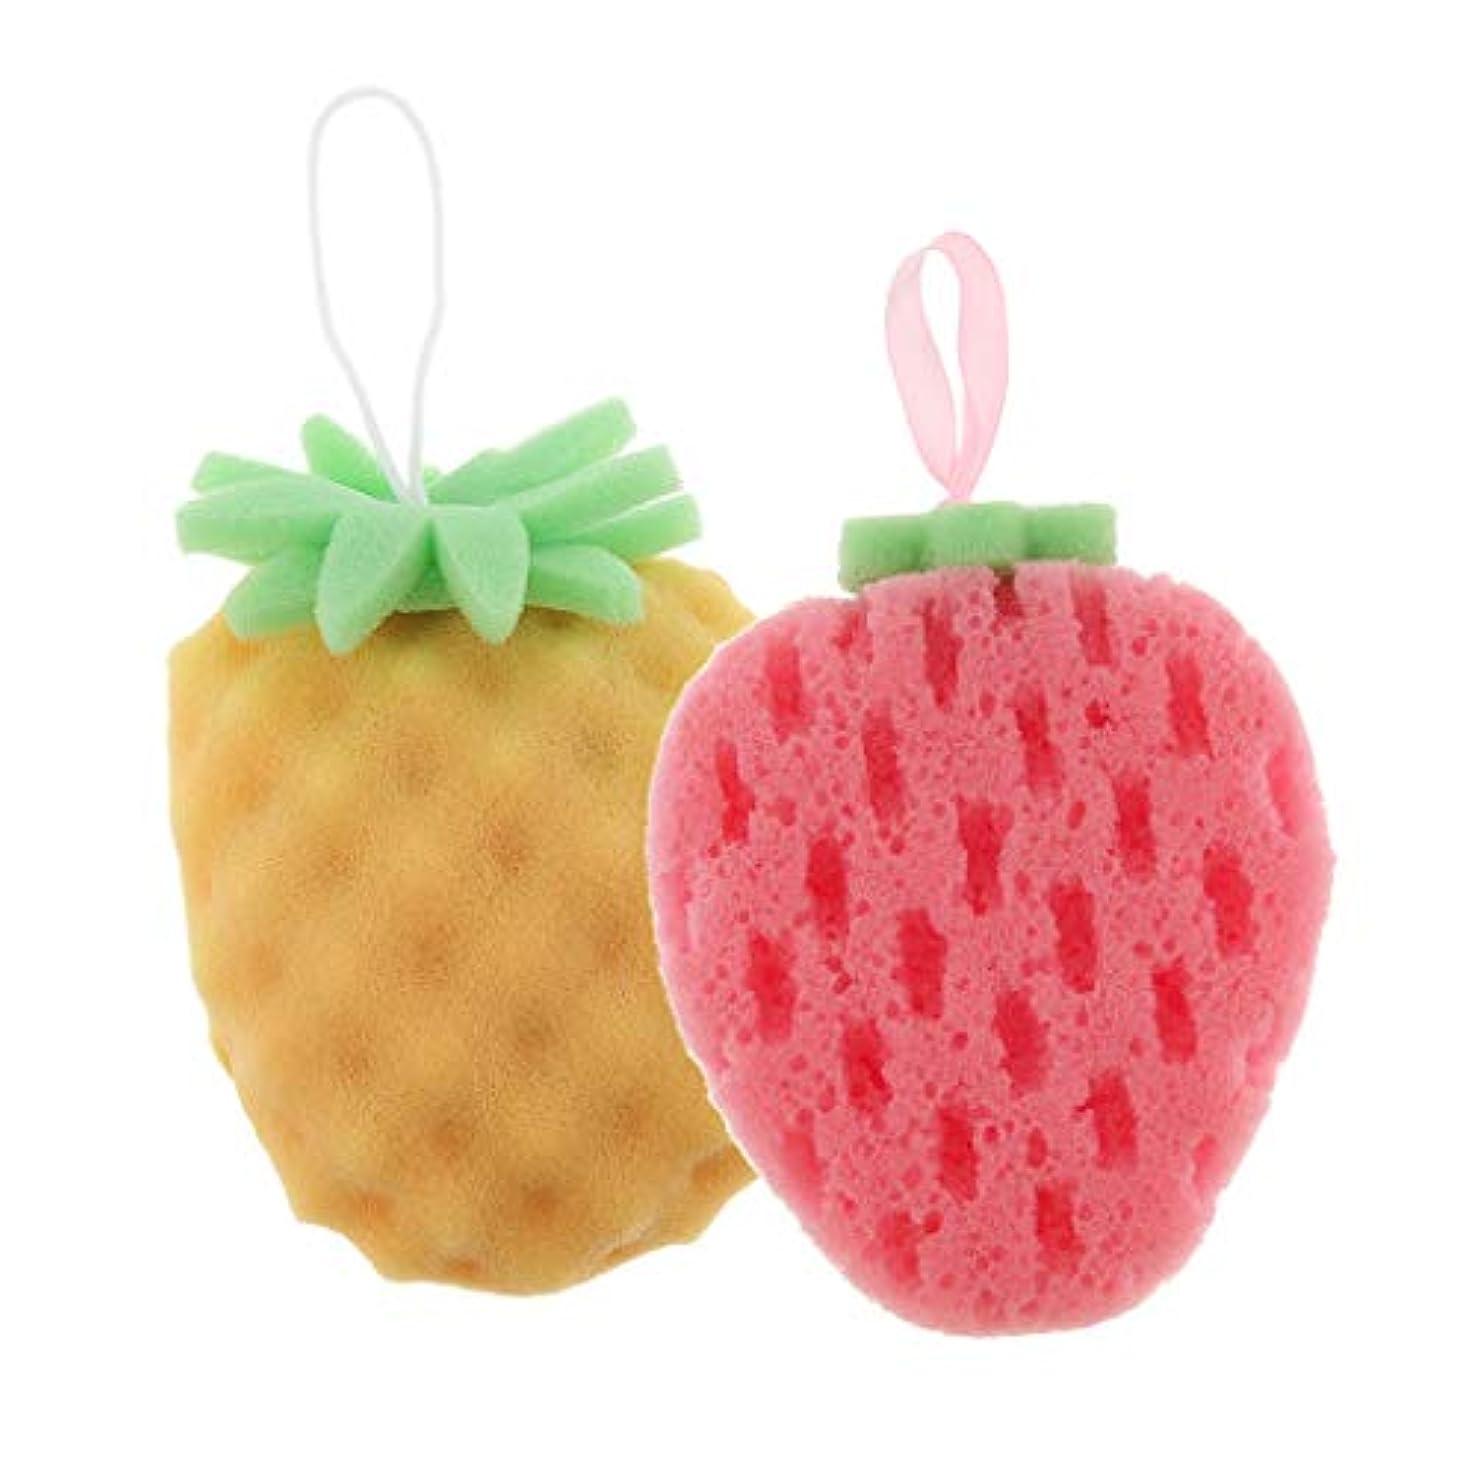 ラッドヤードキップリング草三番Baoblaze 2個 バススポンジ ボディスポンジ 可愛い フルーツ 果物の形 子供 お風呂